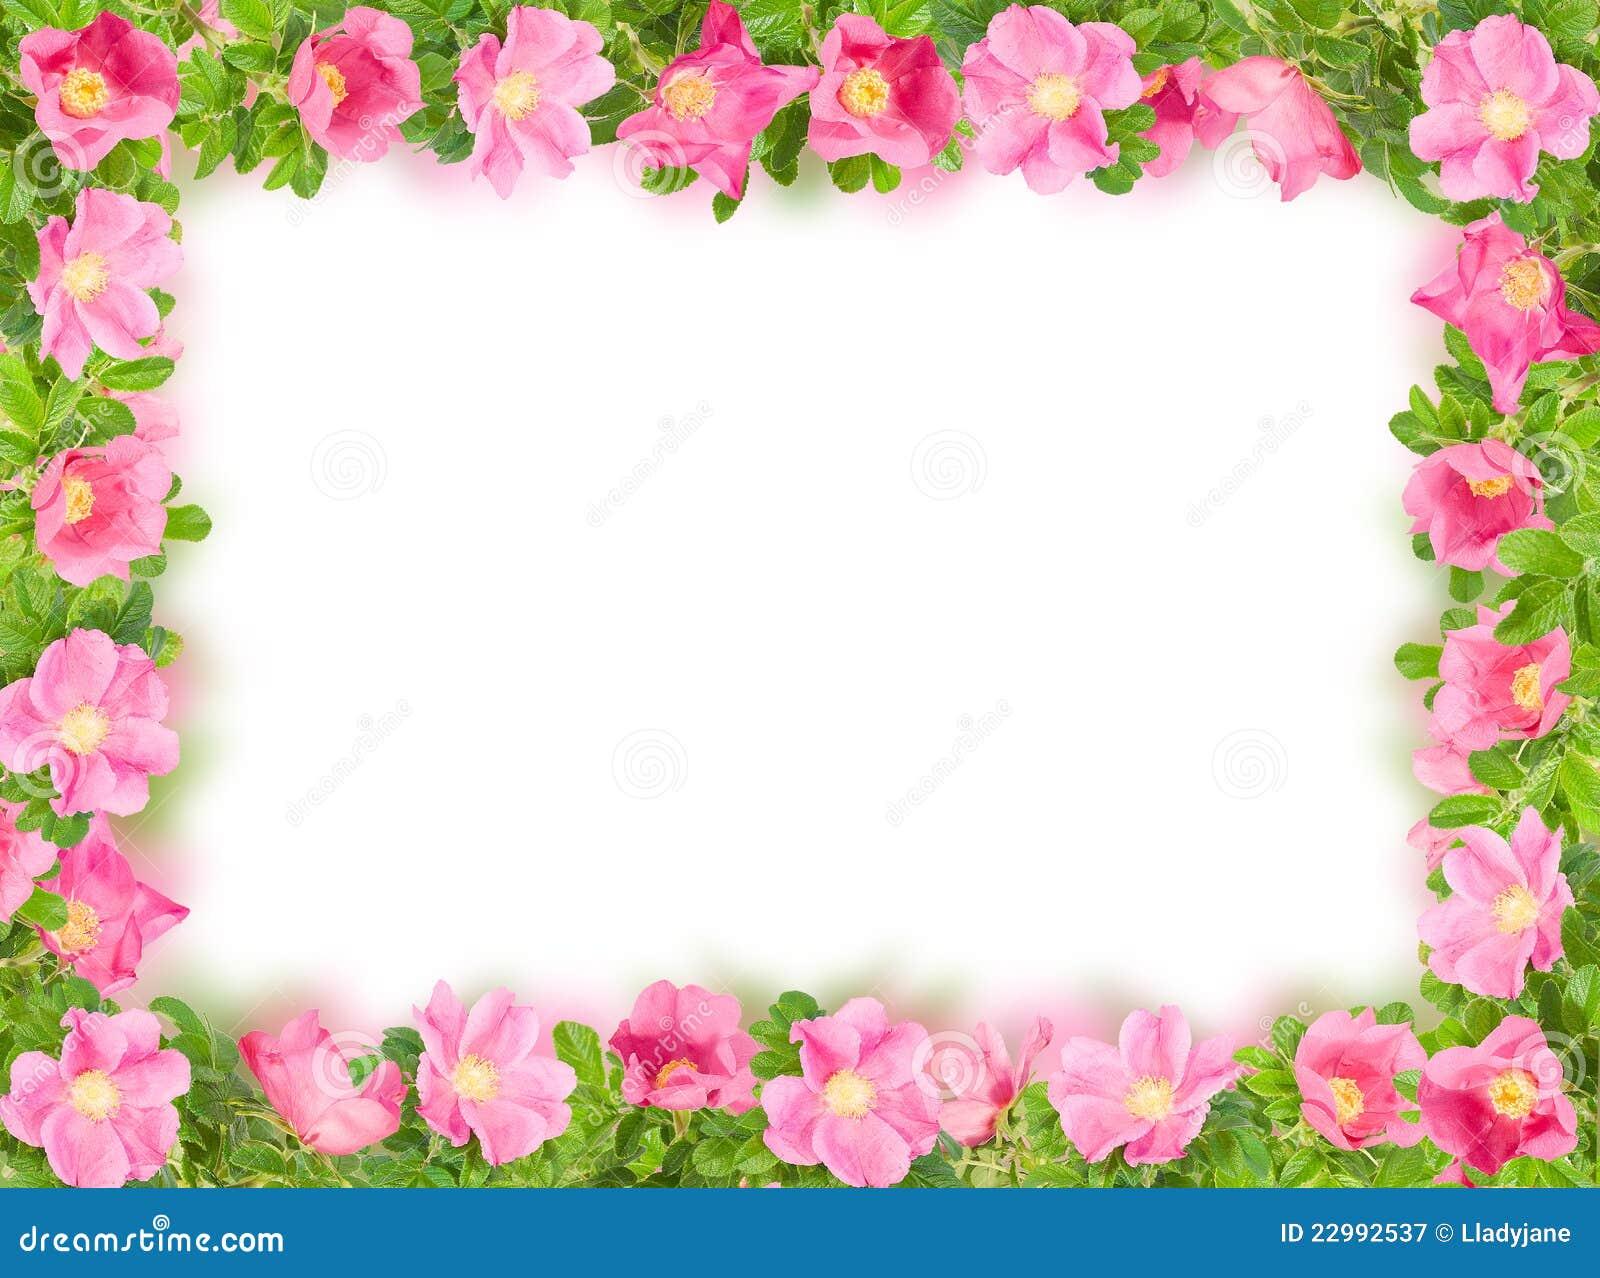 89c3de96ee35a imágenes comunes del Marco Floral Rectangular - los derechos de la  transferencia directa el 264 liberan las fotos